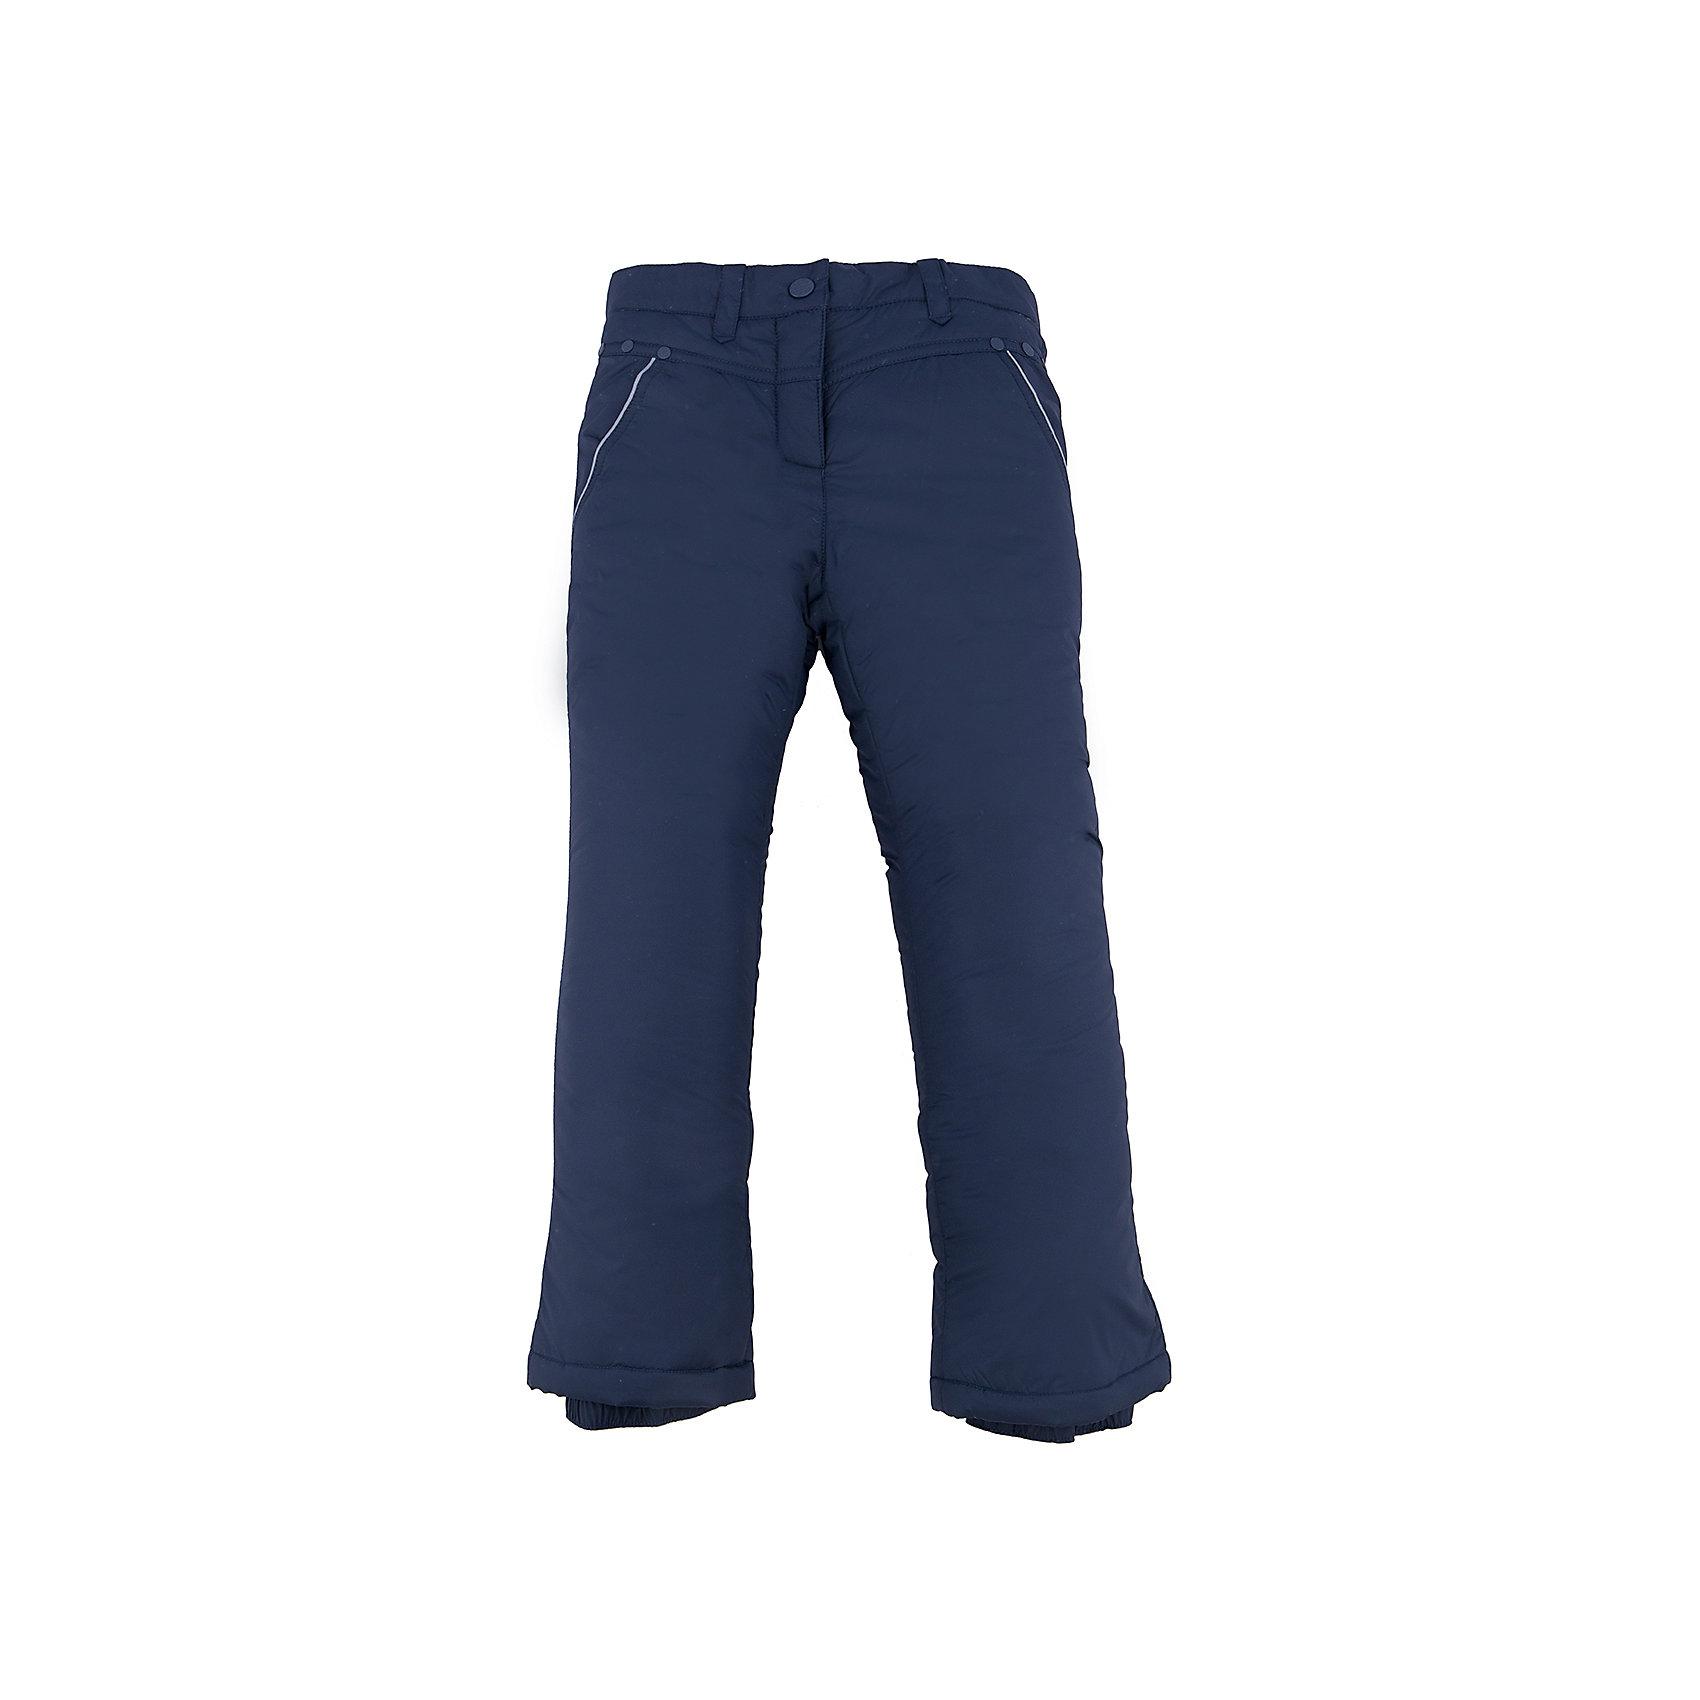 Брюки для девочки SELAБрюки<br>Такие утепленные брюки - незаменимая вещь в прохладное время года. Эта модель отлично сидит на ребенке, она сшита из плотного материала, позволяет заниматься спортом на свежем воздухе зимой. Мягкая подкладка не вызывает аллергии и обеспечивает ребенку комфорт. Модель станет отличной базовой вещью, которая будет уместна в различных сочетаниях.<br>Одежда от бренда Sela (Села) - это качество по приемлемым ценам. Многие российские родители уже оценили преимущества продукции этой компании и всё чаще приобретают одежду и аксессуары Sela.<br><br>Дополнительная информация:<br><br>цвет: синий;<br>материал: верх - 100% нейлон, утеплитель - 100% ПЭ, подкладка - 100% ПЭ;<br>светоотражающие детали;<br>резинка в поясе.<br><br>Брюки для девочки от бренда Sela можно купить в нашем интернет-магазине.<br><br>Ширина мм: 215<br>Глубина мм: 88<br>Высота мм: 191<br>Вес г: 336<br>Цвет: синий<br>Возраст от месяцев: 132<br>Возраст до месяцев: 144<br>Пол: Женский<br>Возраст: Детский<br>Размер: 152,116,128,140<br>SKU: 4944109